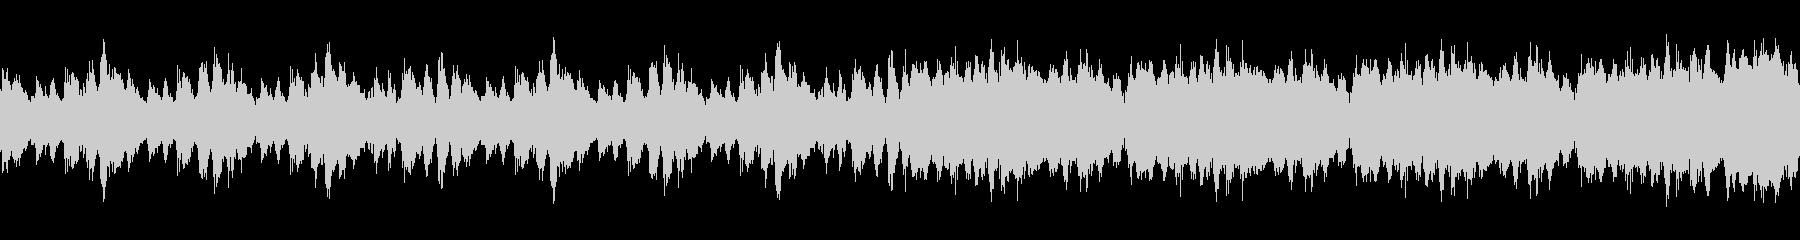 オーケストラ風BGM(戦闘)の未再生の波形